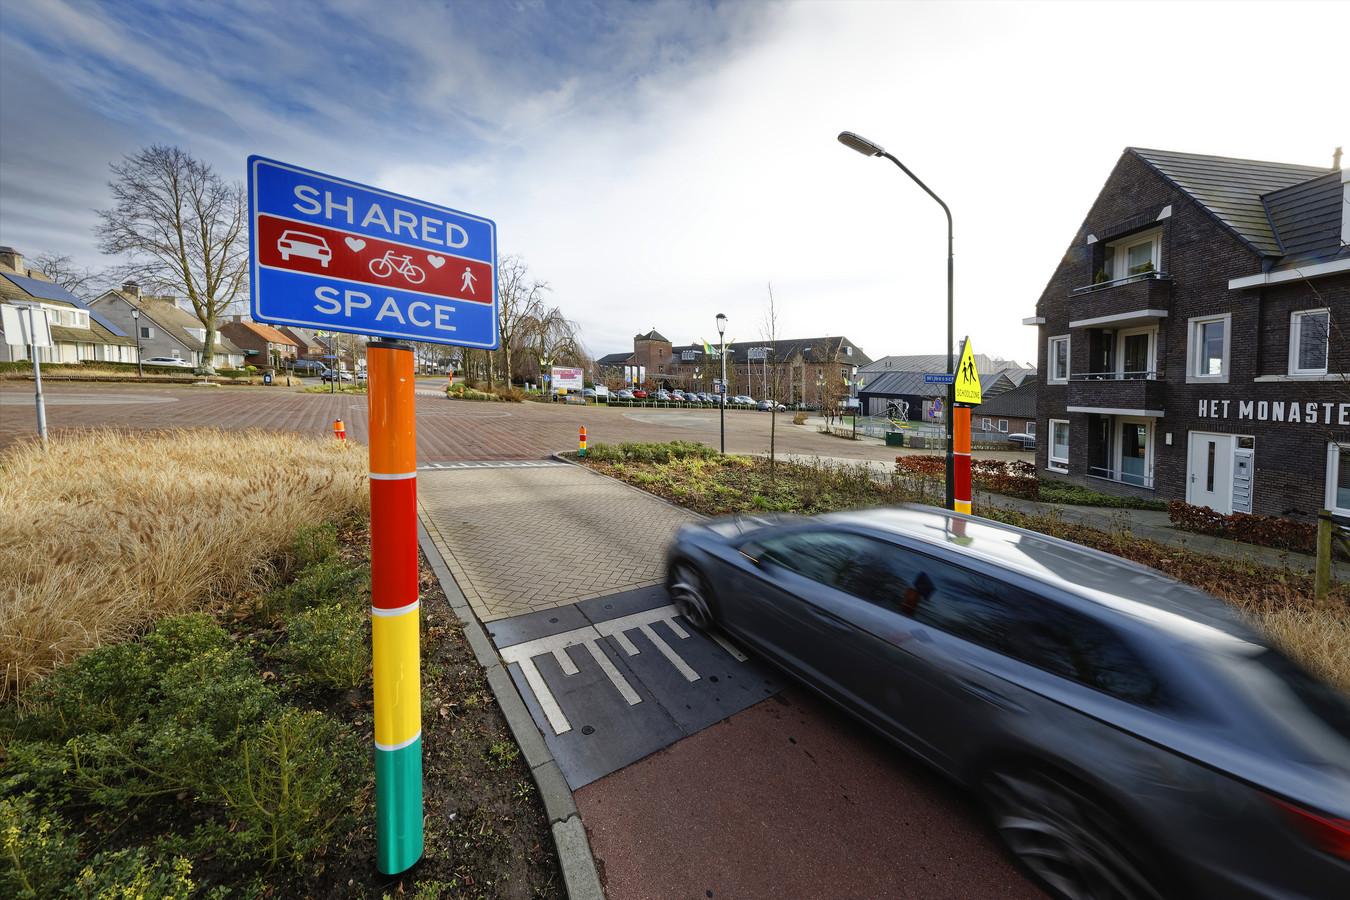 Het schoolplein van De Regenboog maakt onderdeel uit van het Shared Space-plein in Wijbosch.